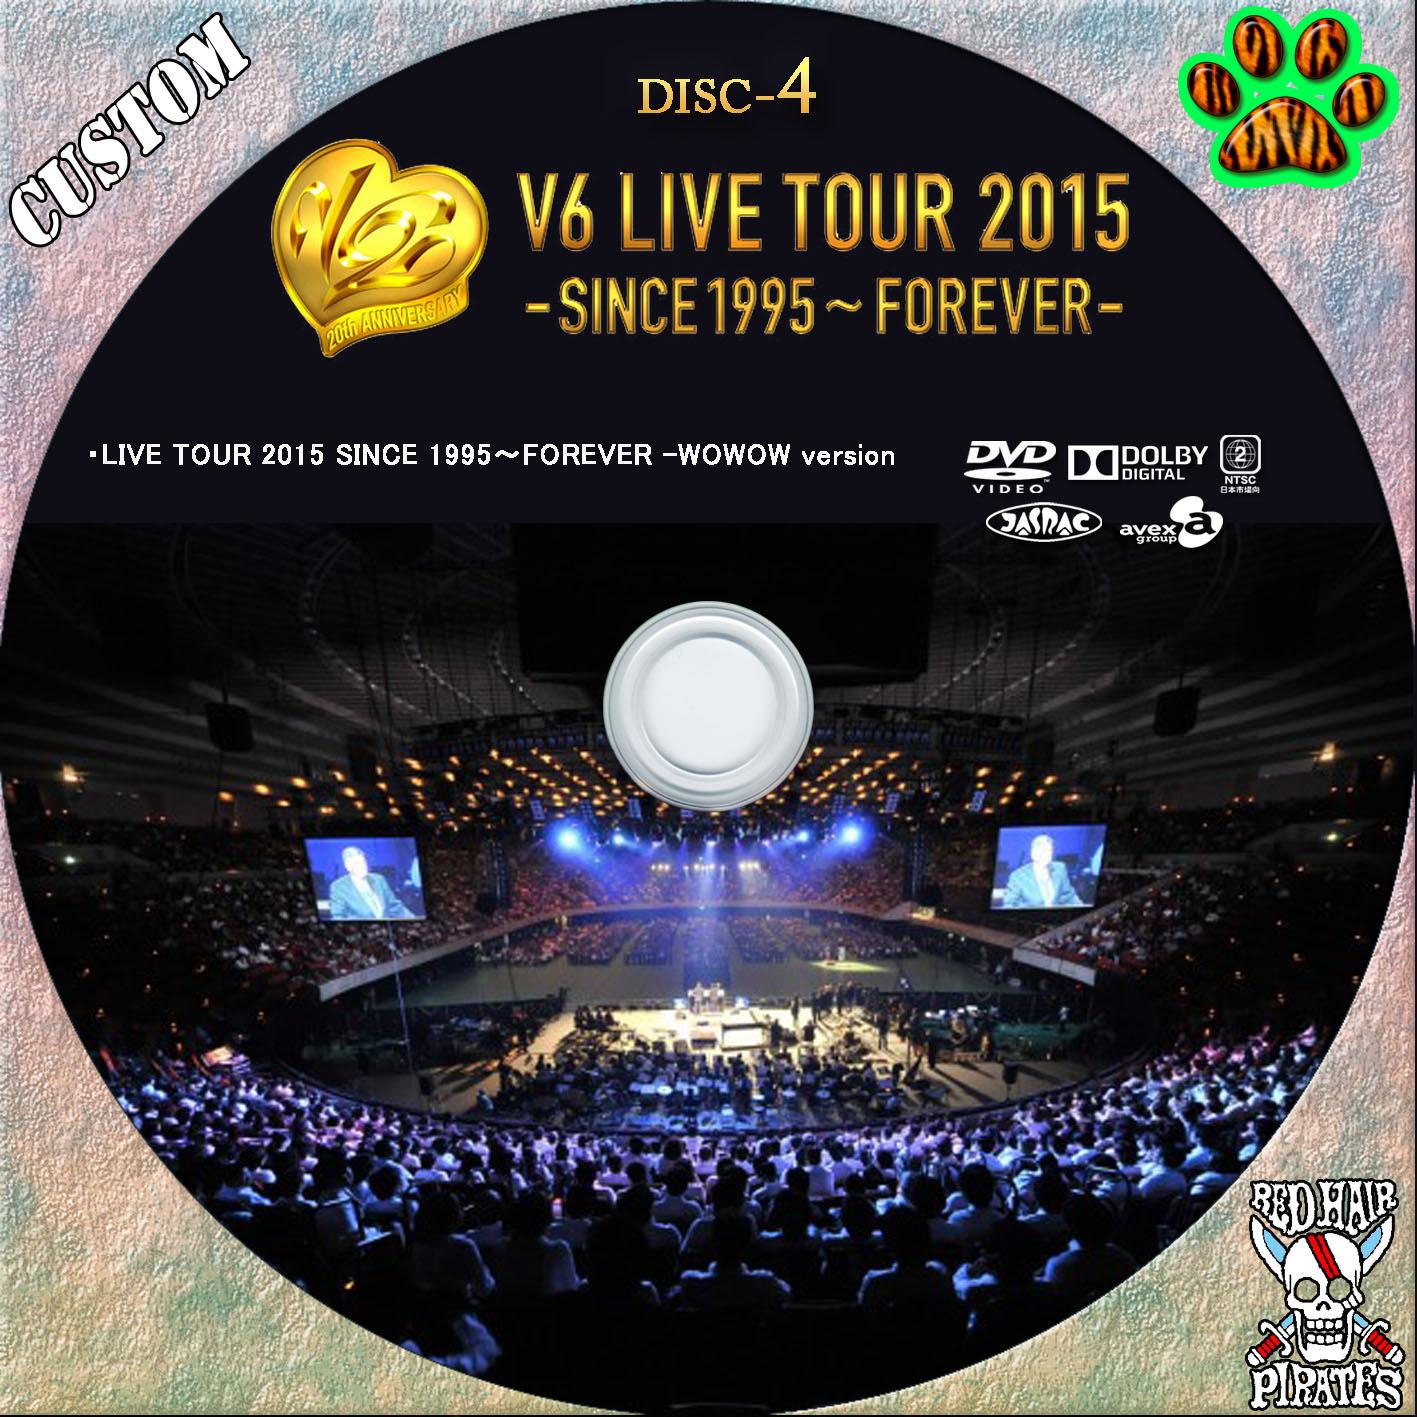 赤髪船長のCUSTOMラベル V6 LIVE TOUR 2015 -SINCE 1995~FOREVER-